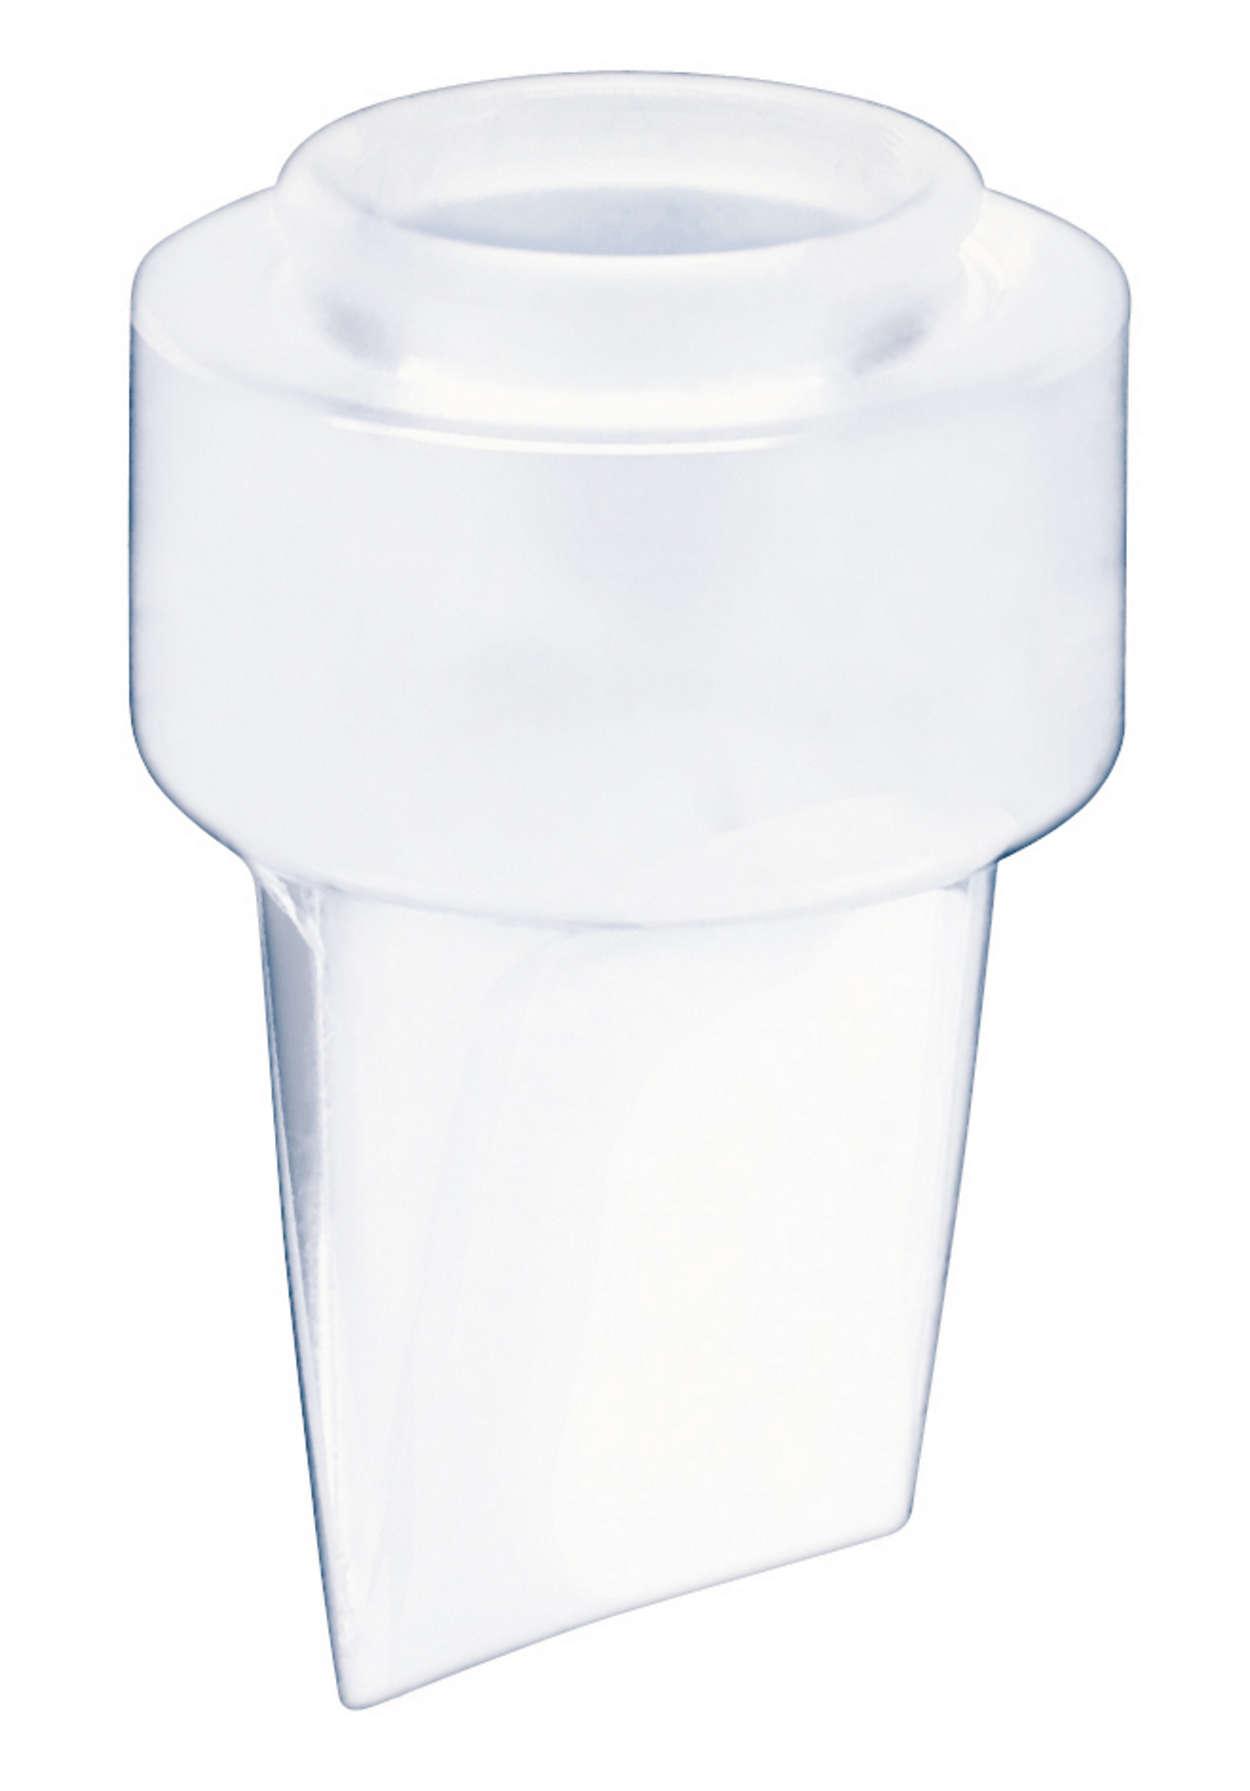 Gør det muligt at lade mælken flyde ind i flasken